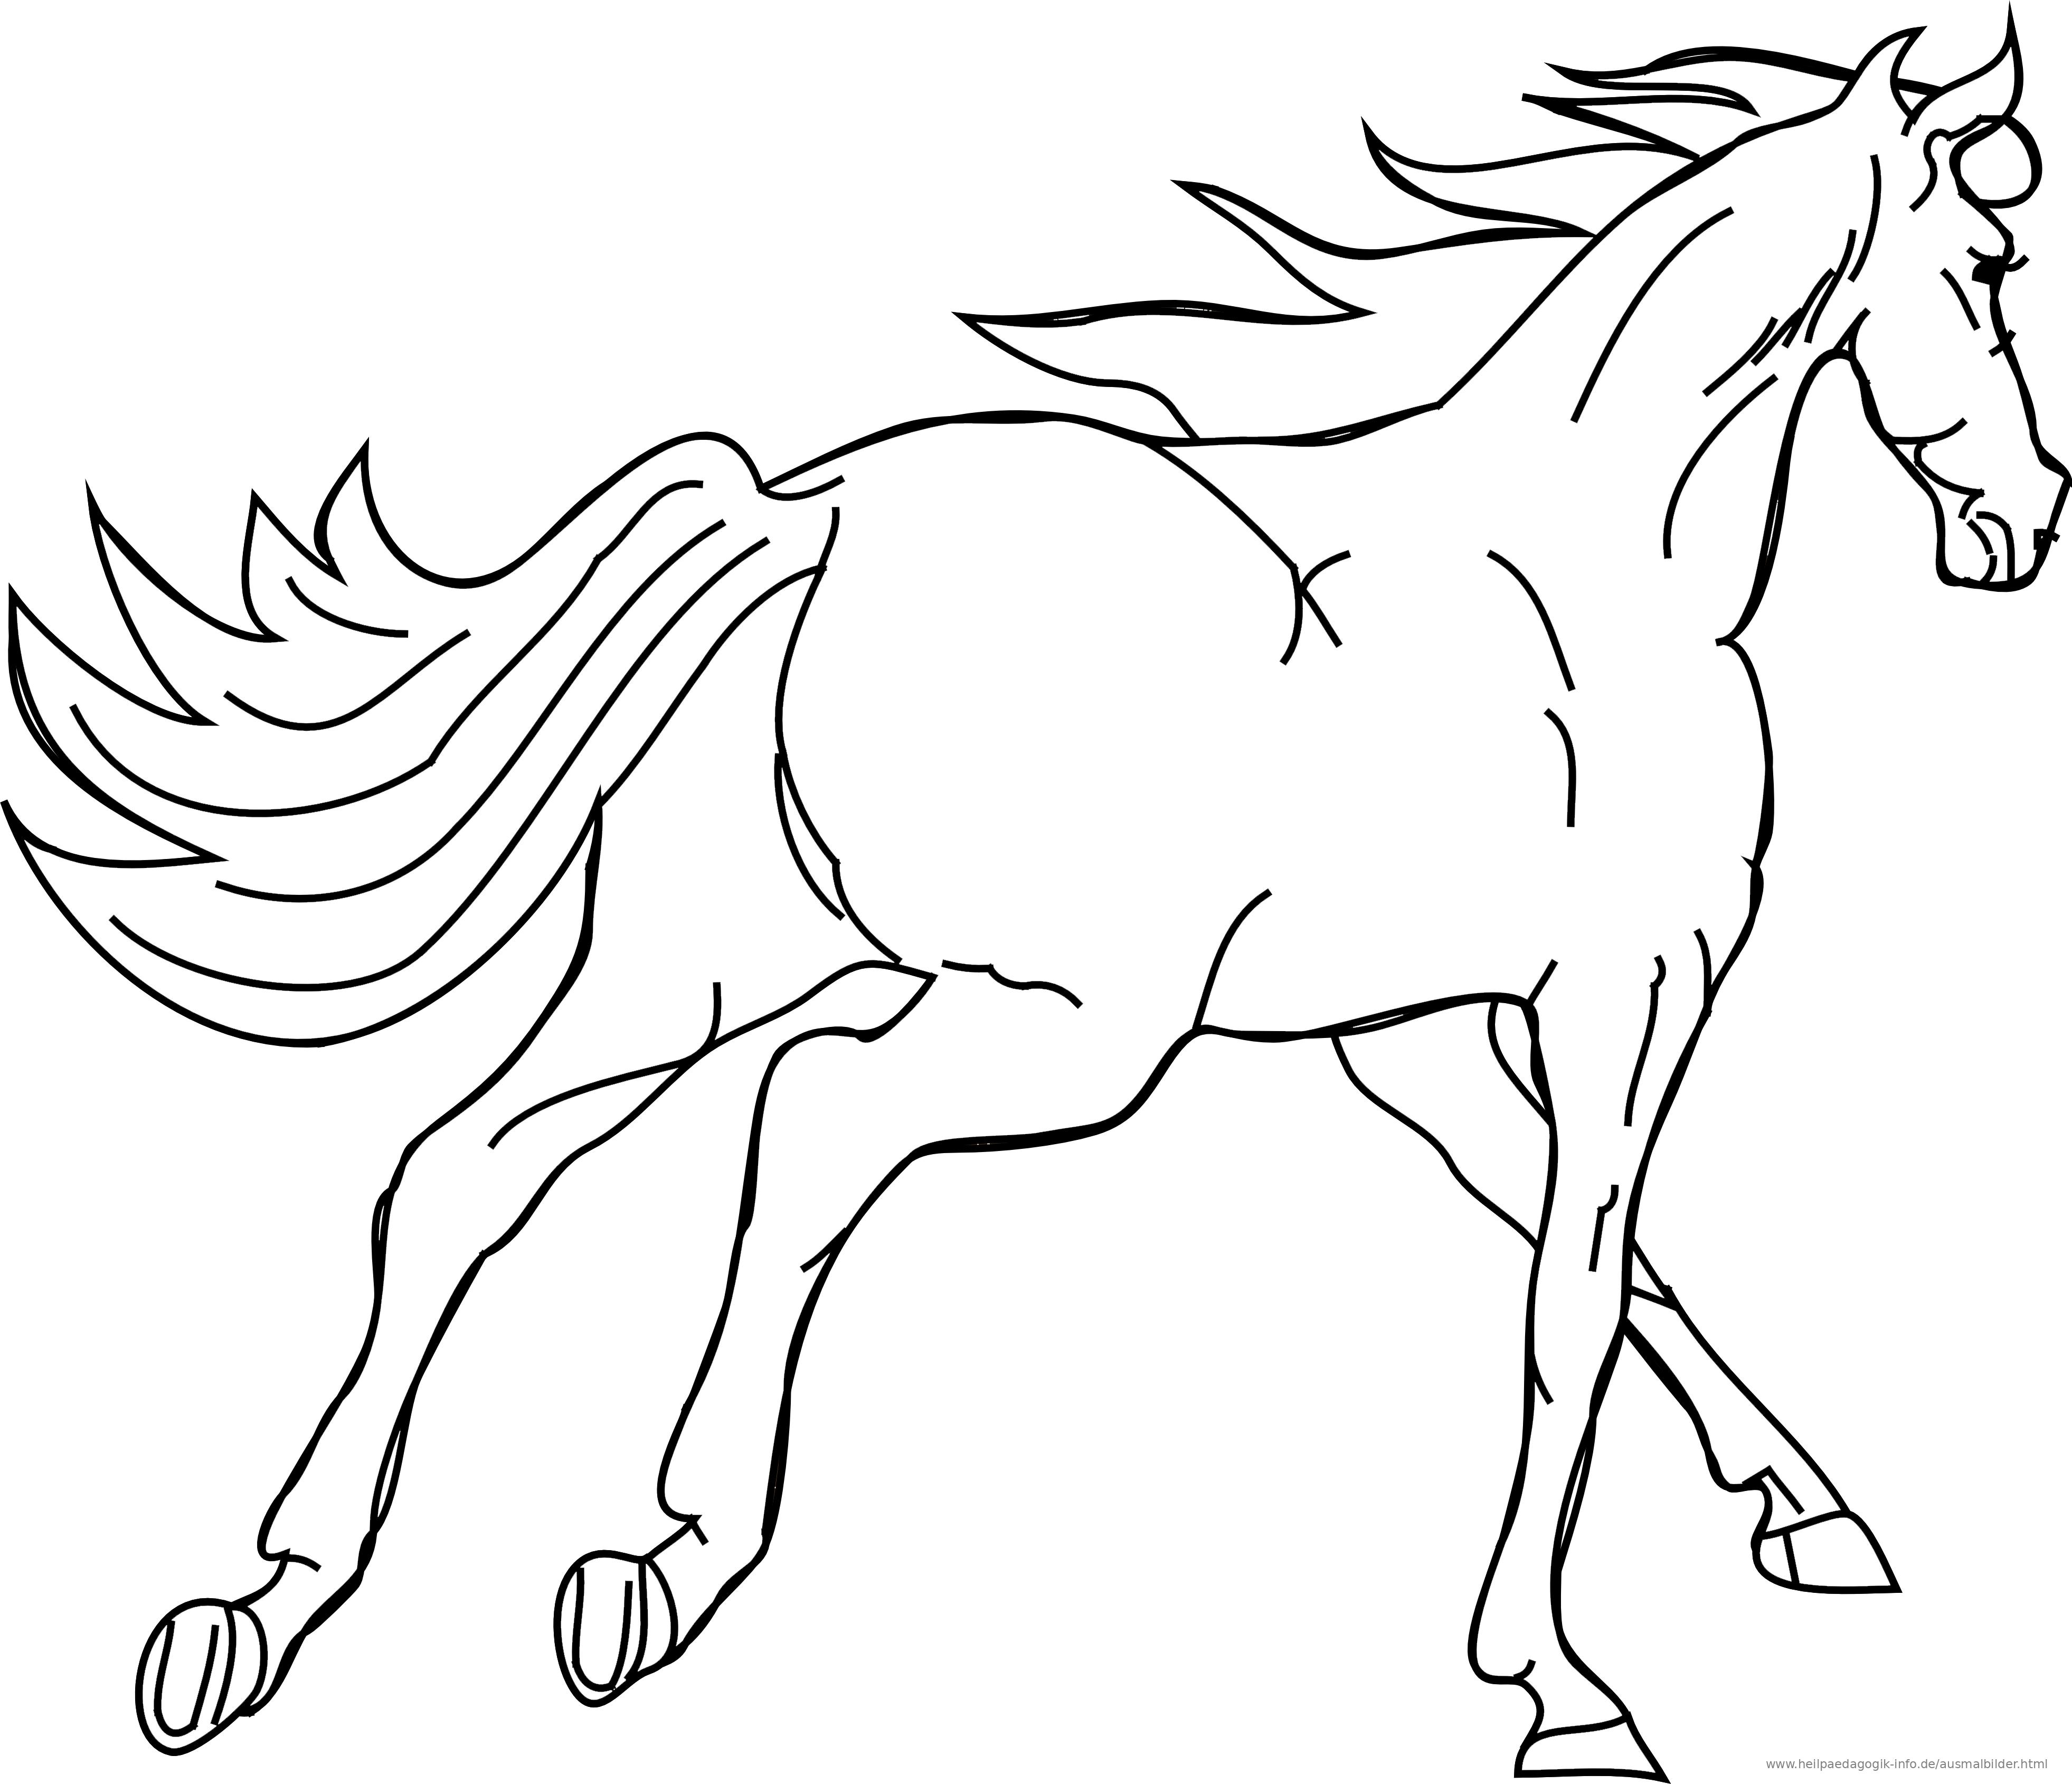 Ausmalbilder pferde ausmalbild pferd als pdf oder png anzeigen altavistaventures Choice Image